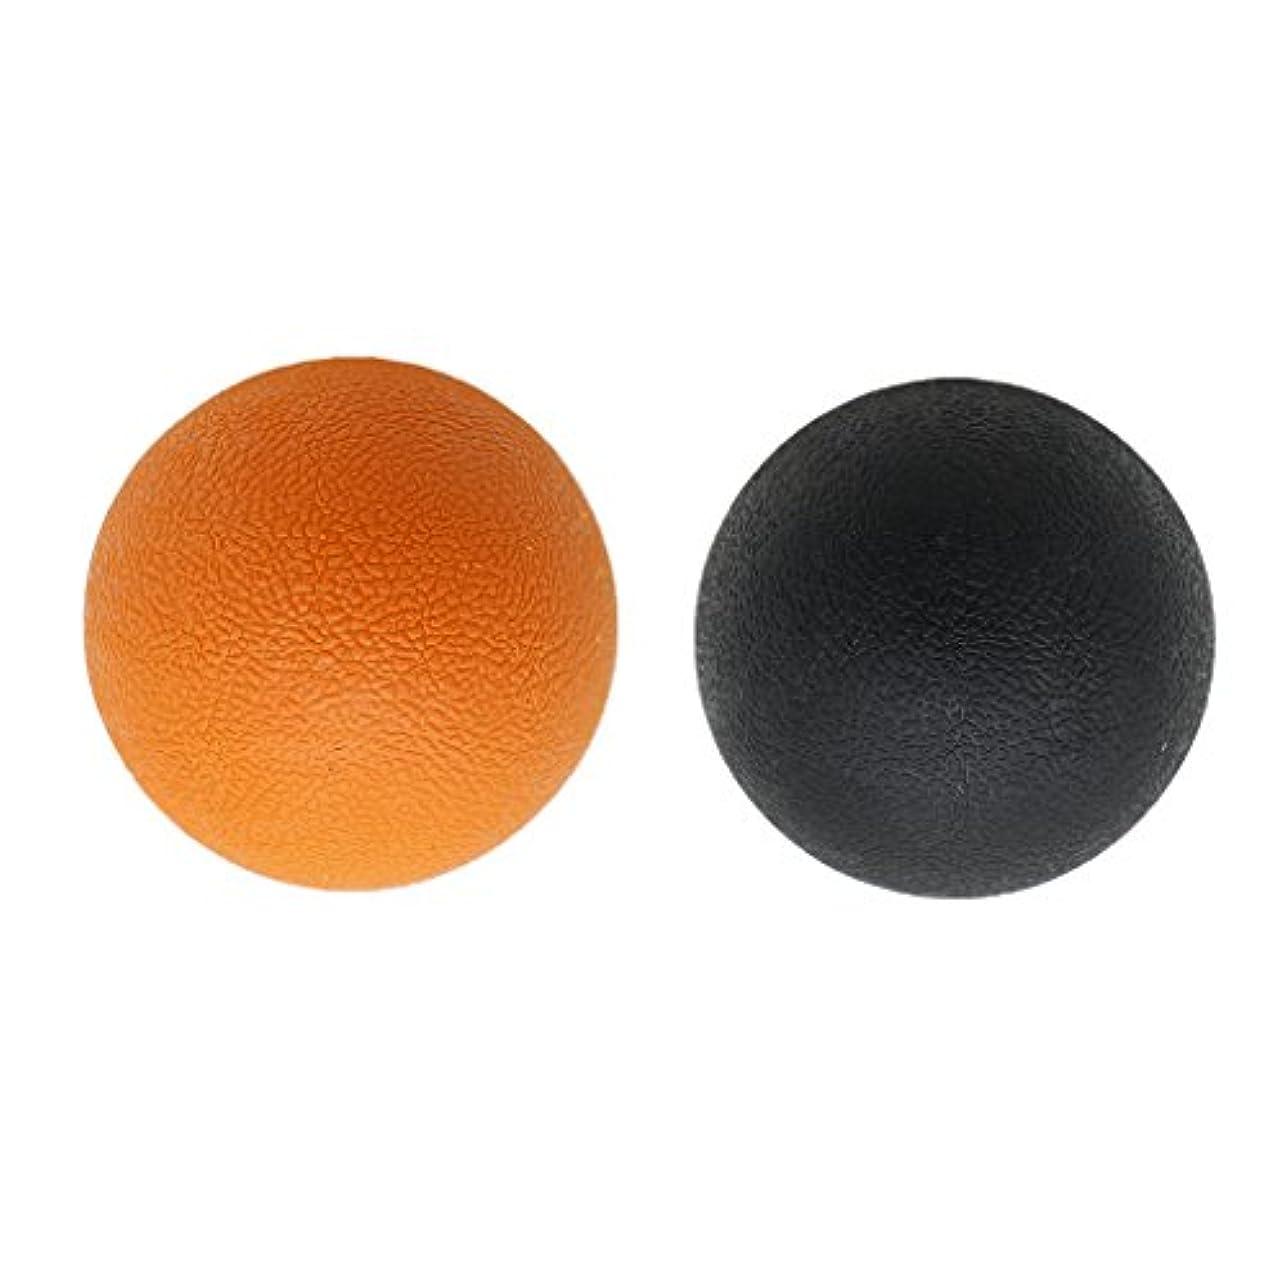 虐待オーナメント規模2個 マッサージボール ストレッチボール トリガーポイント トレーニング マッサージ リラックス 家庭 ジム 旅行 学校 オフィス 便利 多色選べる - オレンジブラック